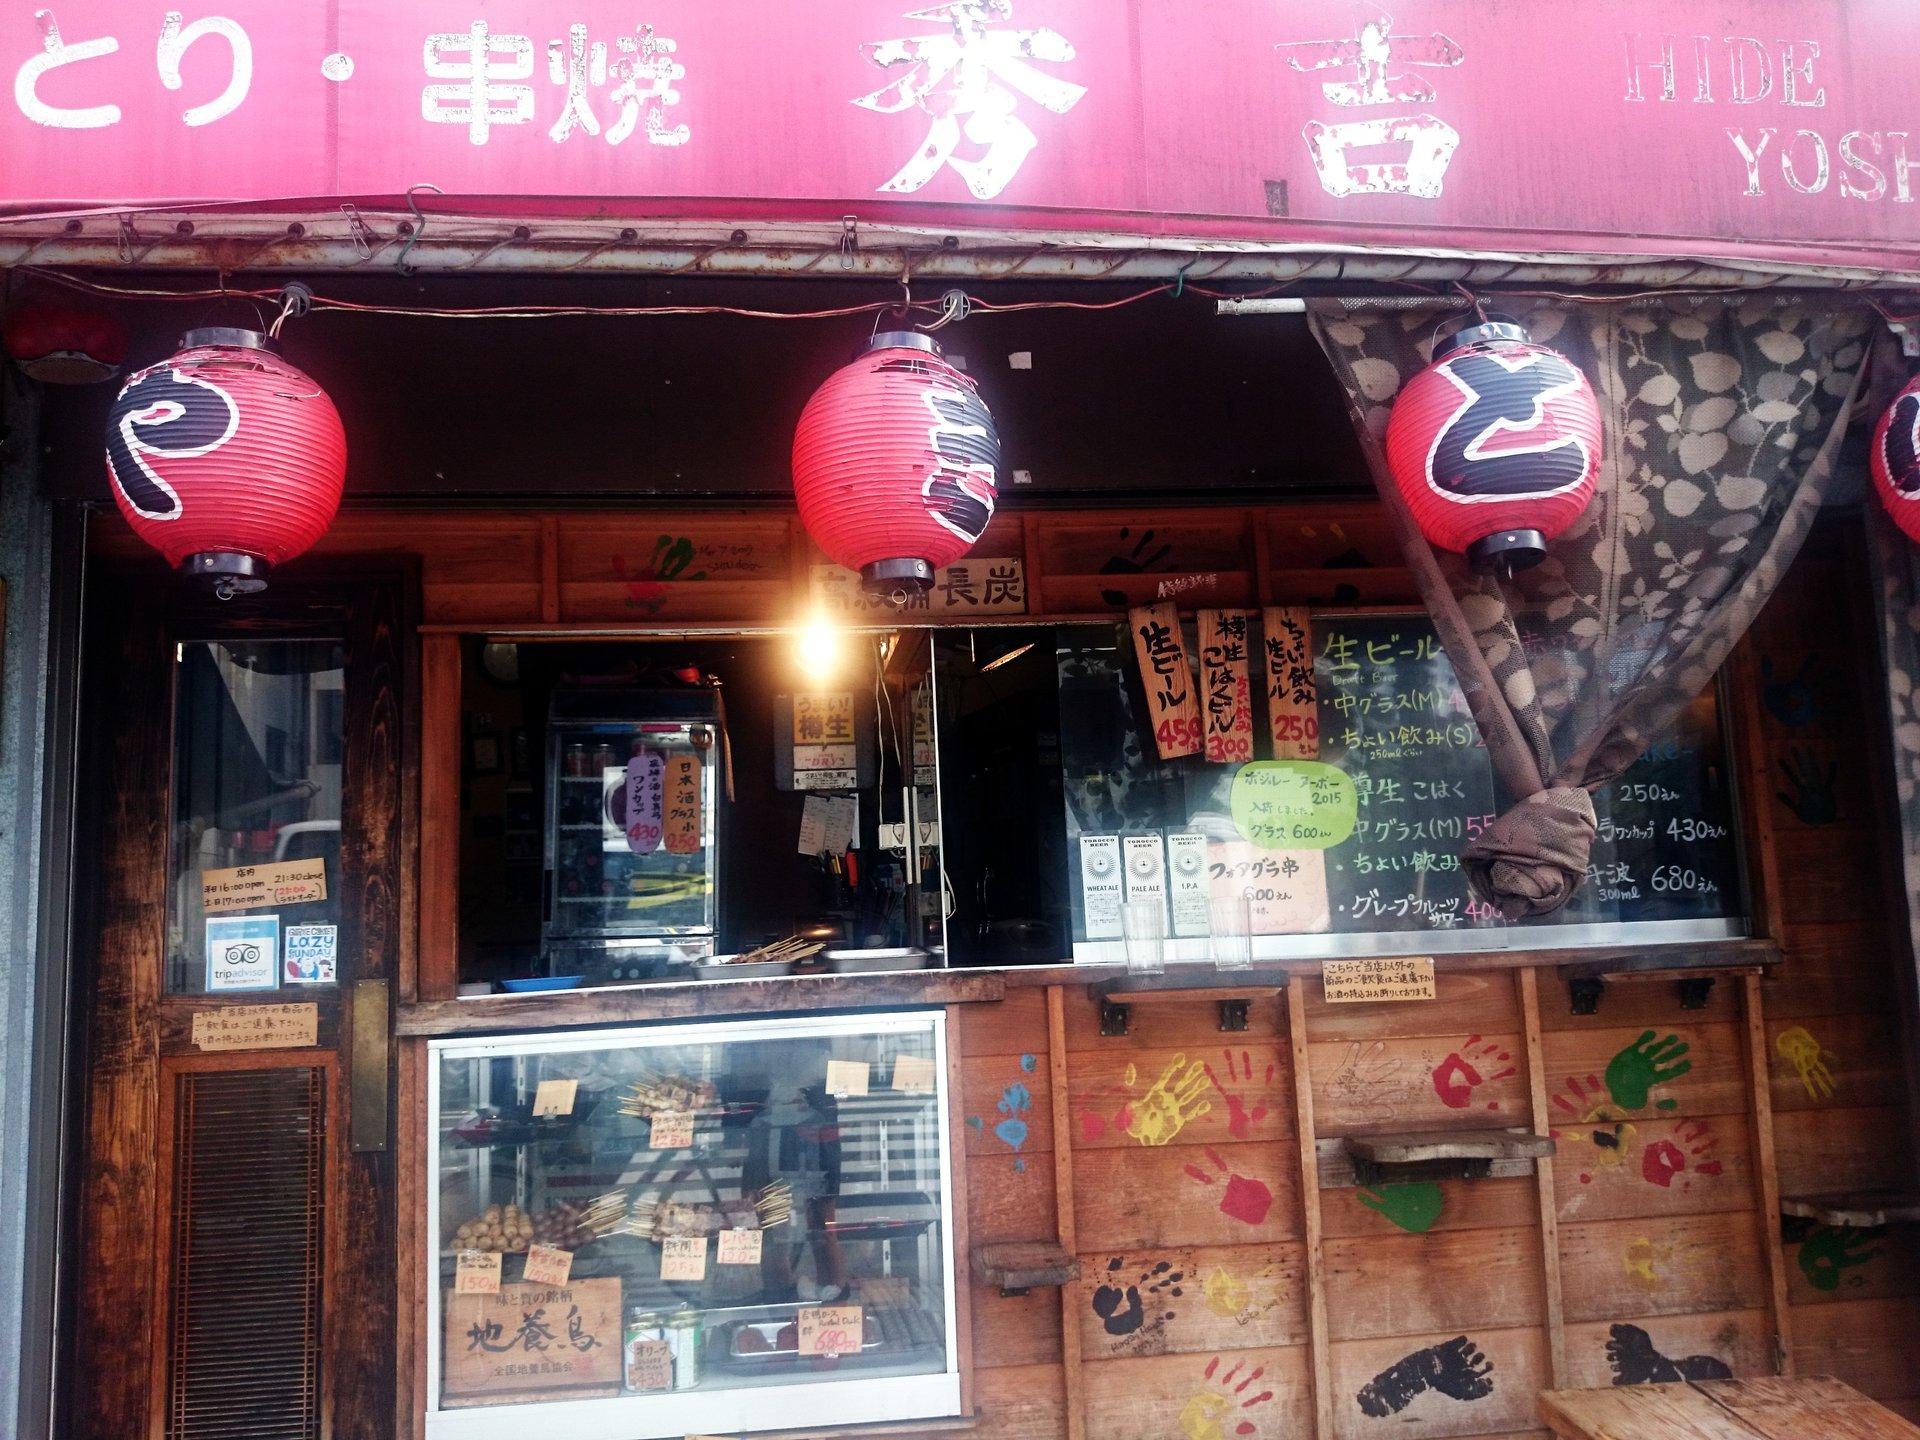 鎌倉食べ歩きデート!美味しい穴場のお店がいくつも! 楽しい鎌倉商店街市場